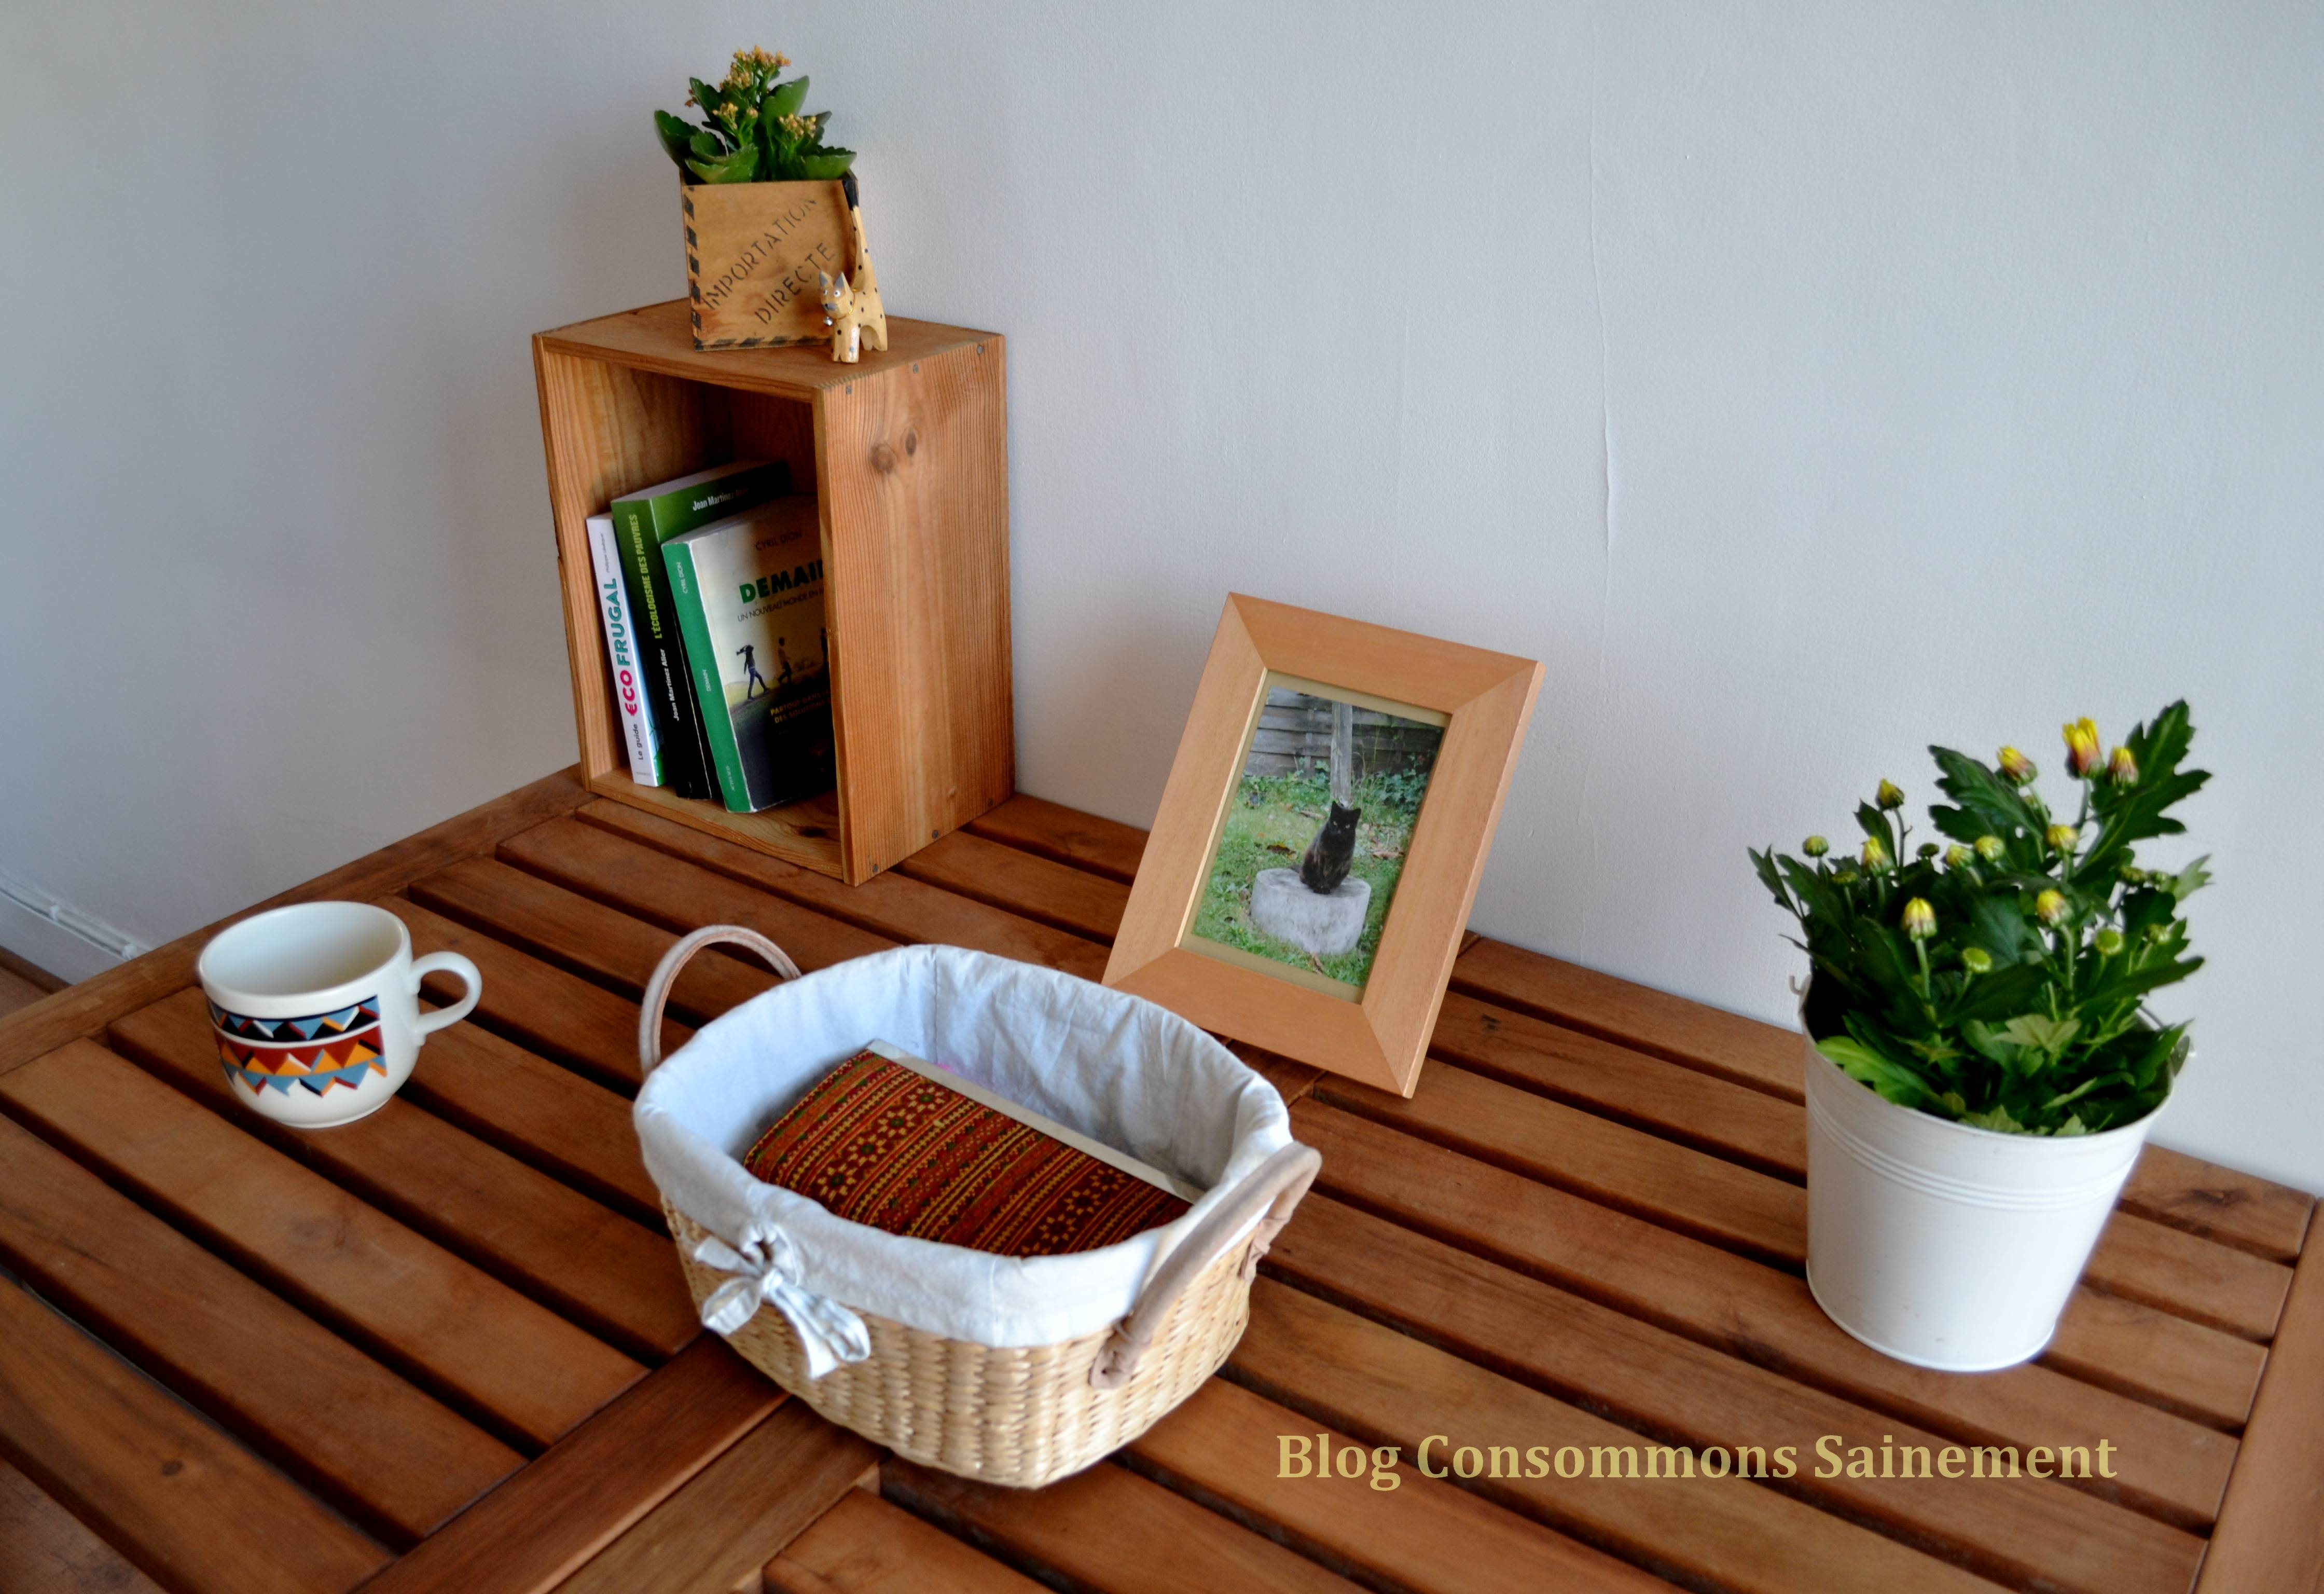 astuces cologiques pour meubler et quiper sa maison tr s petits prix consommons sainement. Black Bedroom Furniture Sets. Home Design Ideas